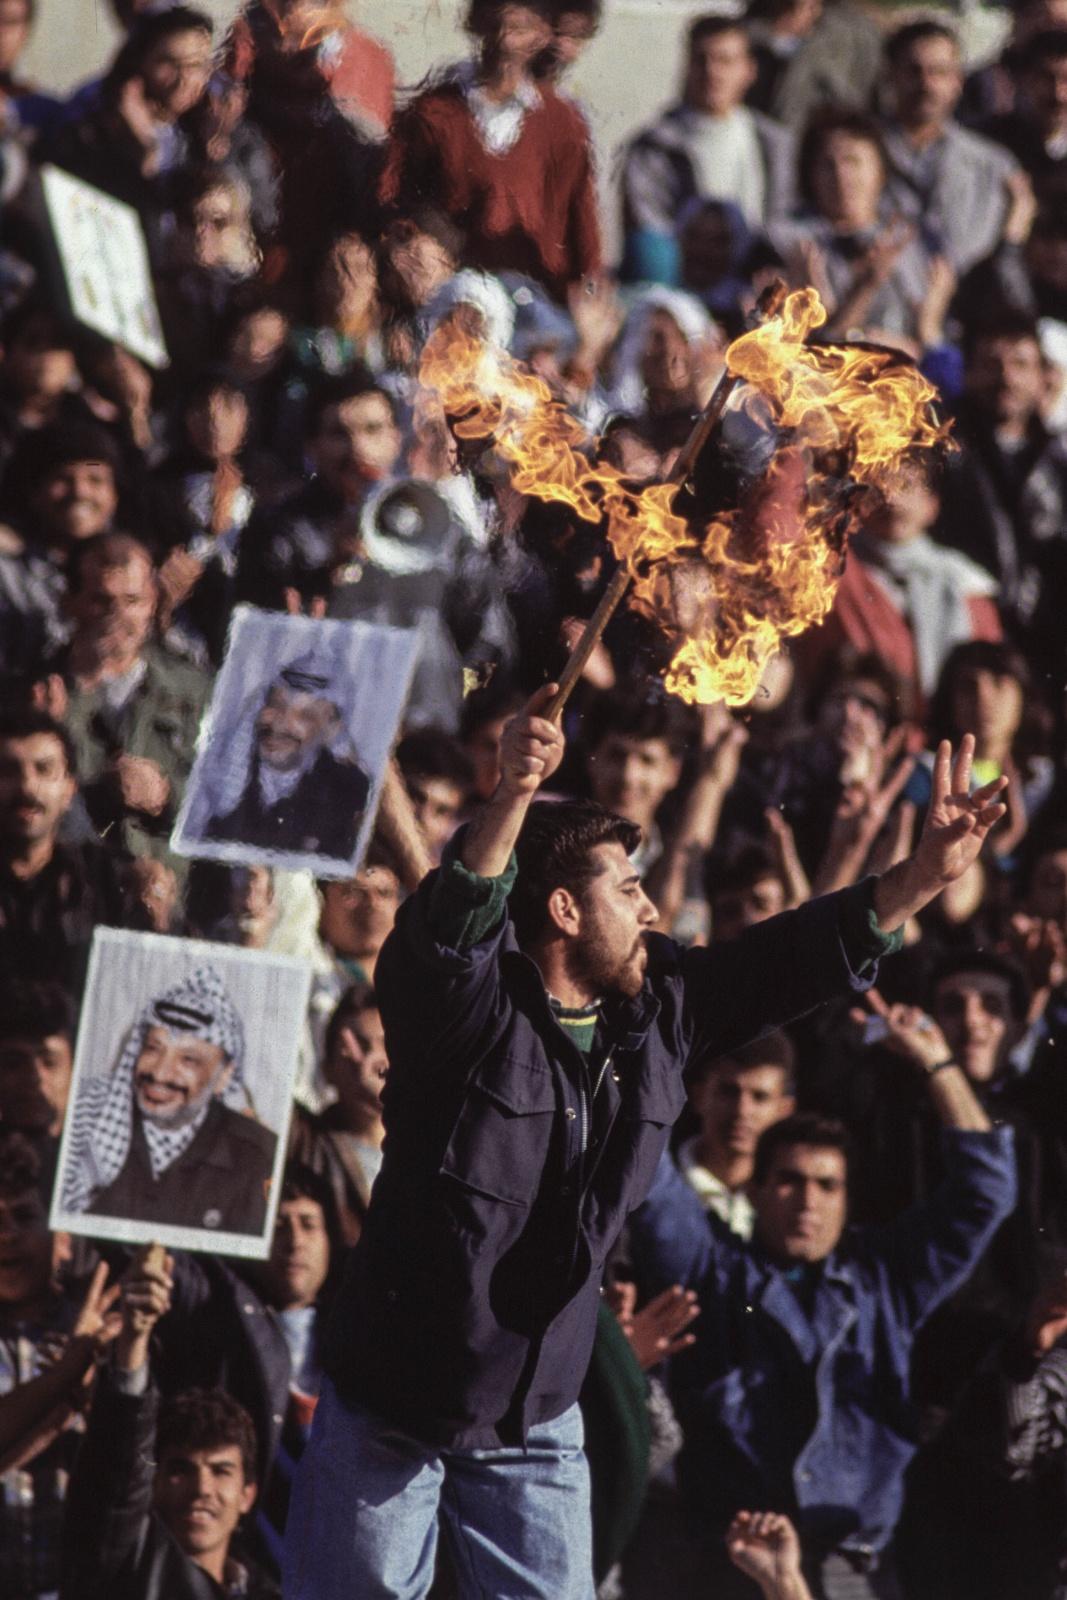 Giordania, manifestazione dei Fratelli Musulmani di Amman in favore di Saddam Hussein. Il bambino con l'indice alzato e il Corano nell'altra mano